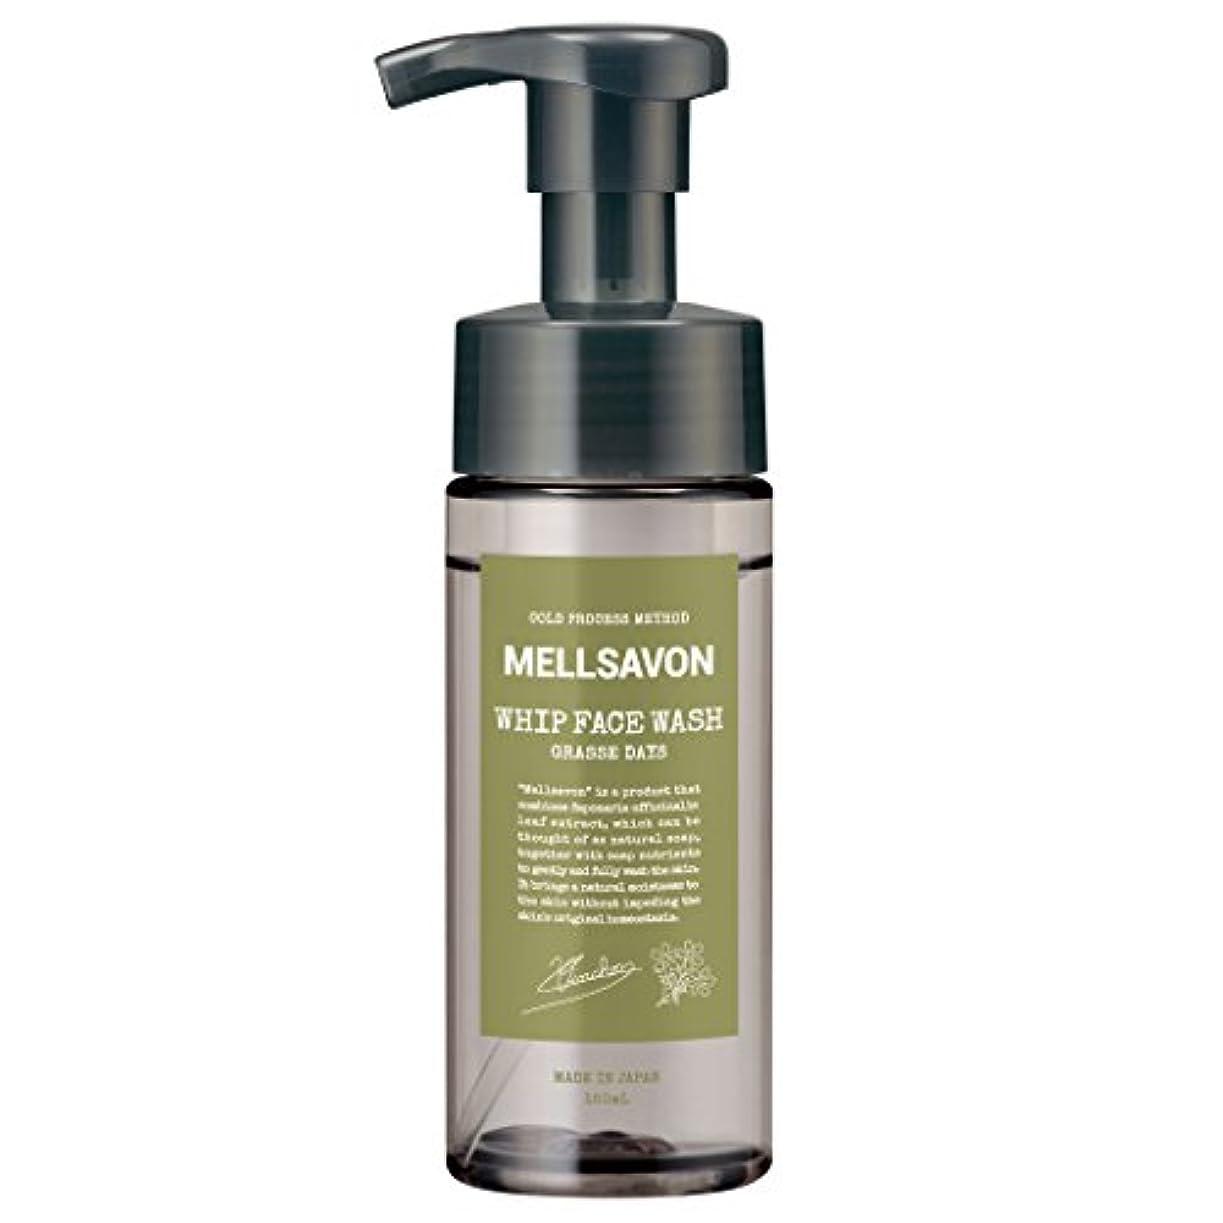 ヘロイン故意のダイエットMellsavon(メルサボン) メルサボン ホイップフェイスウォッシュ グラースデイズ 150mL 洗顔